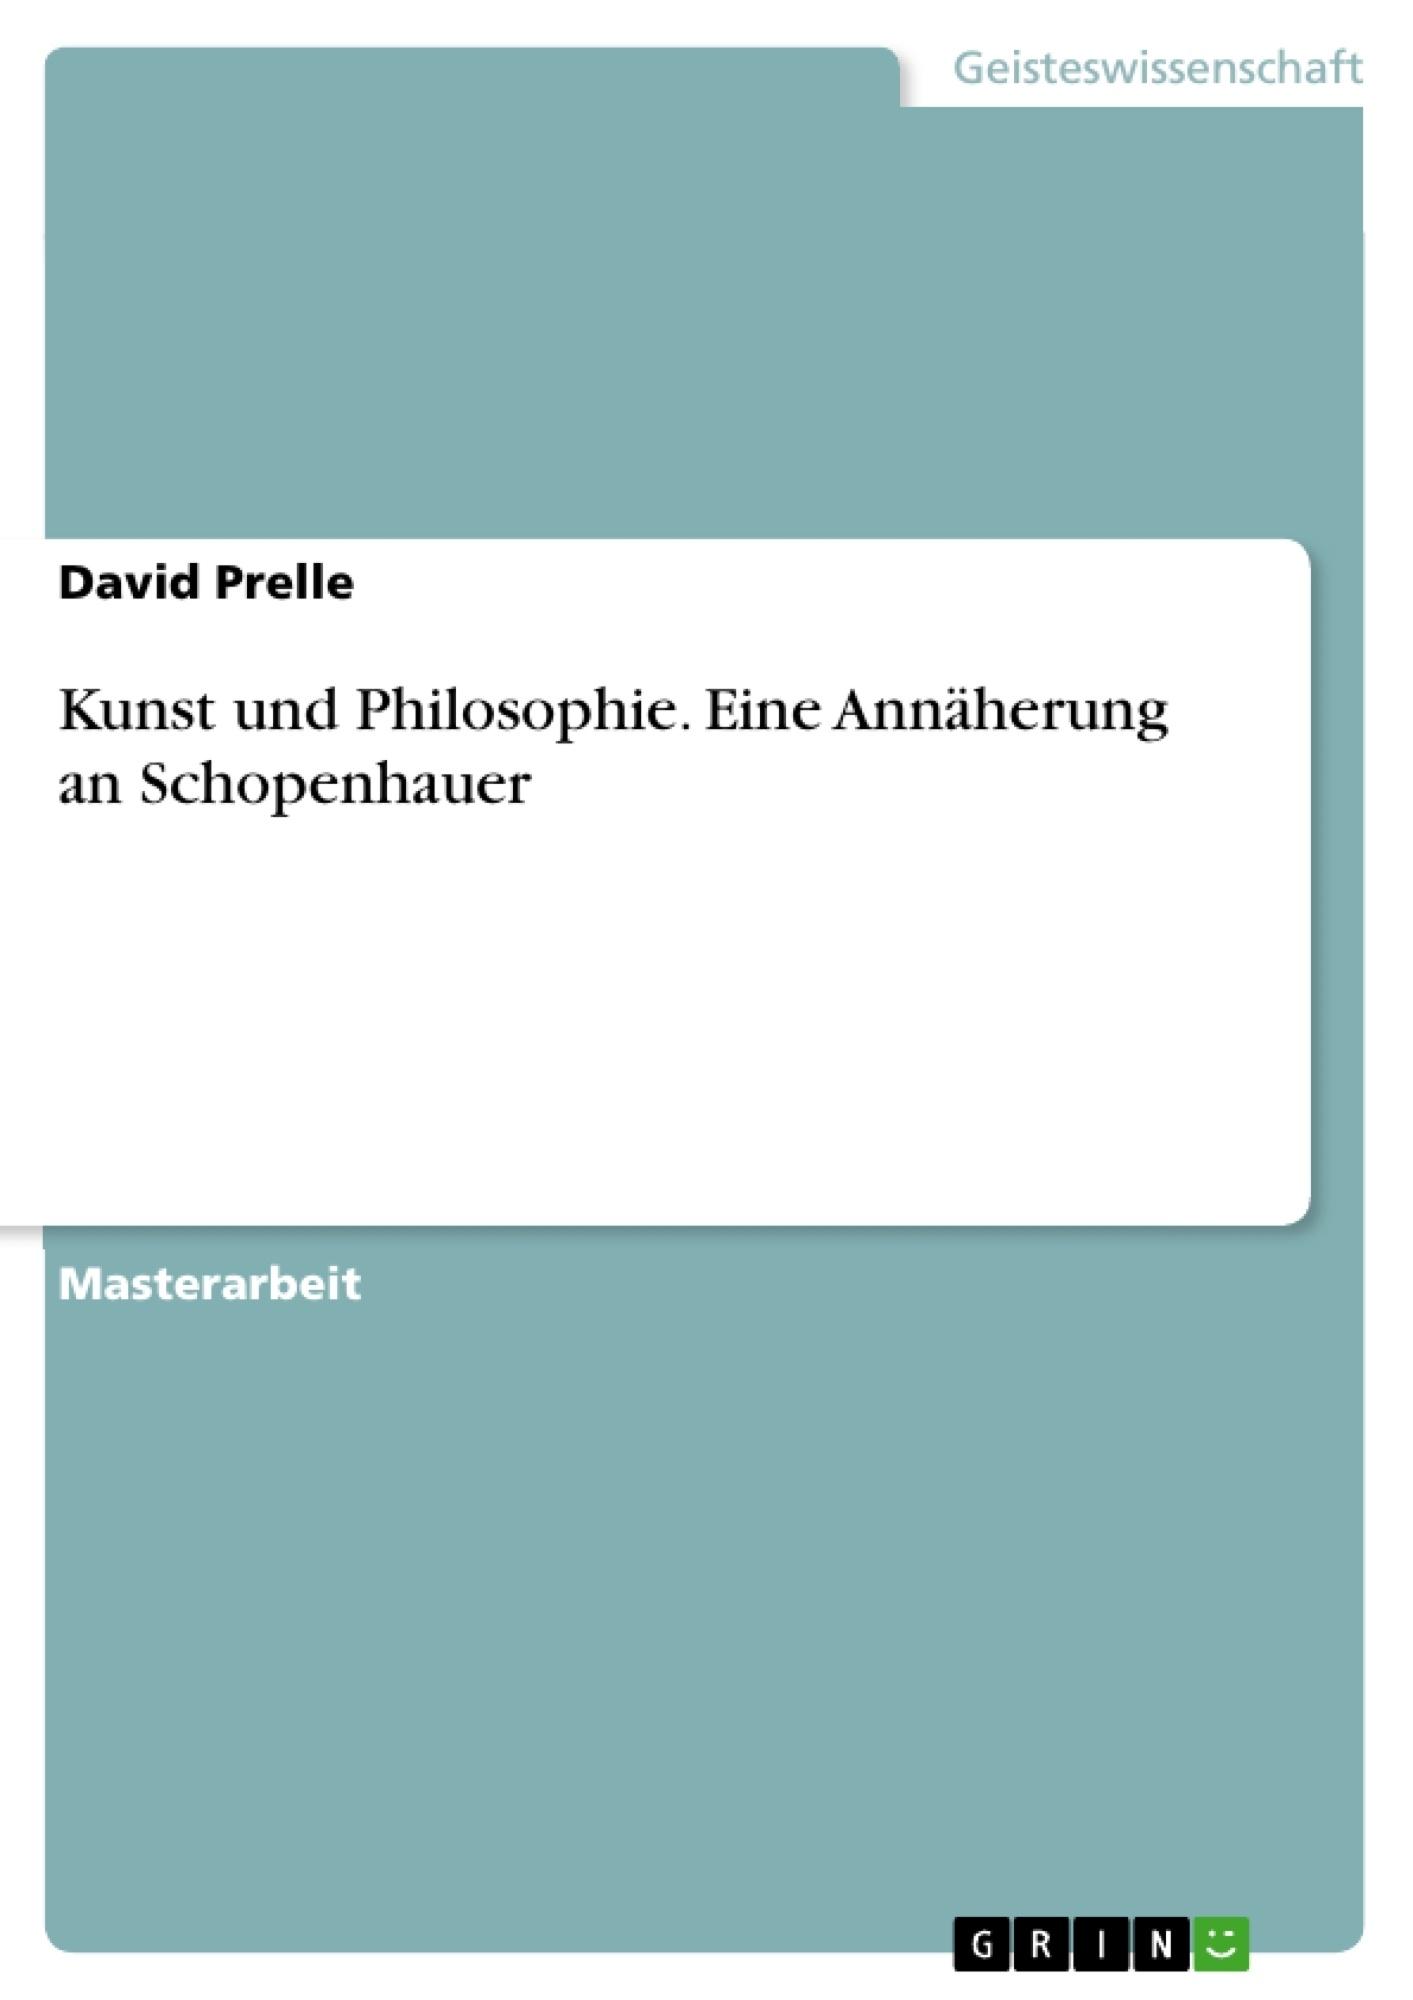 Titel: Kunst und Philosophie. Eine Annäherung an Schopenhauer